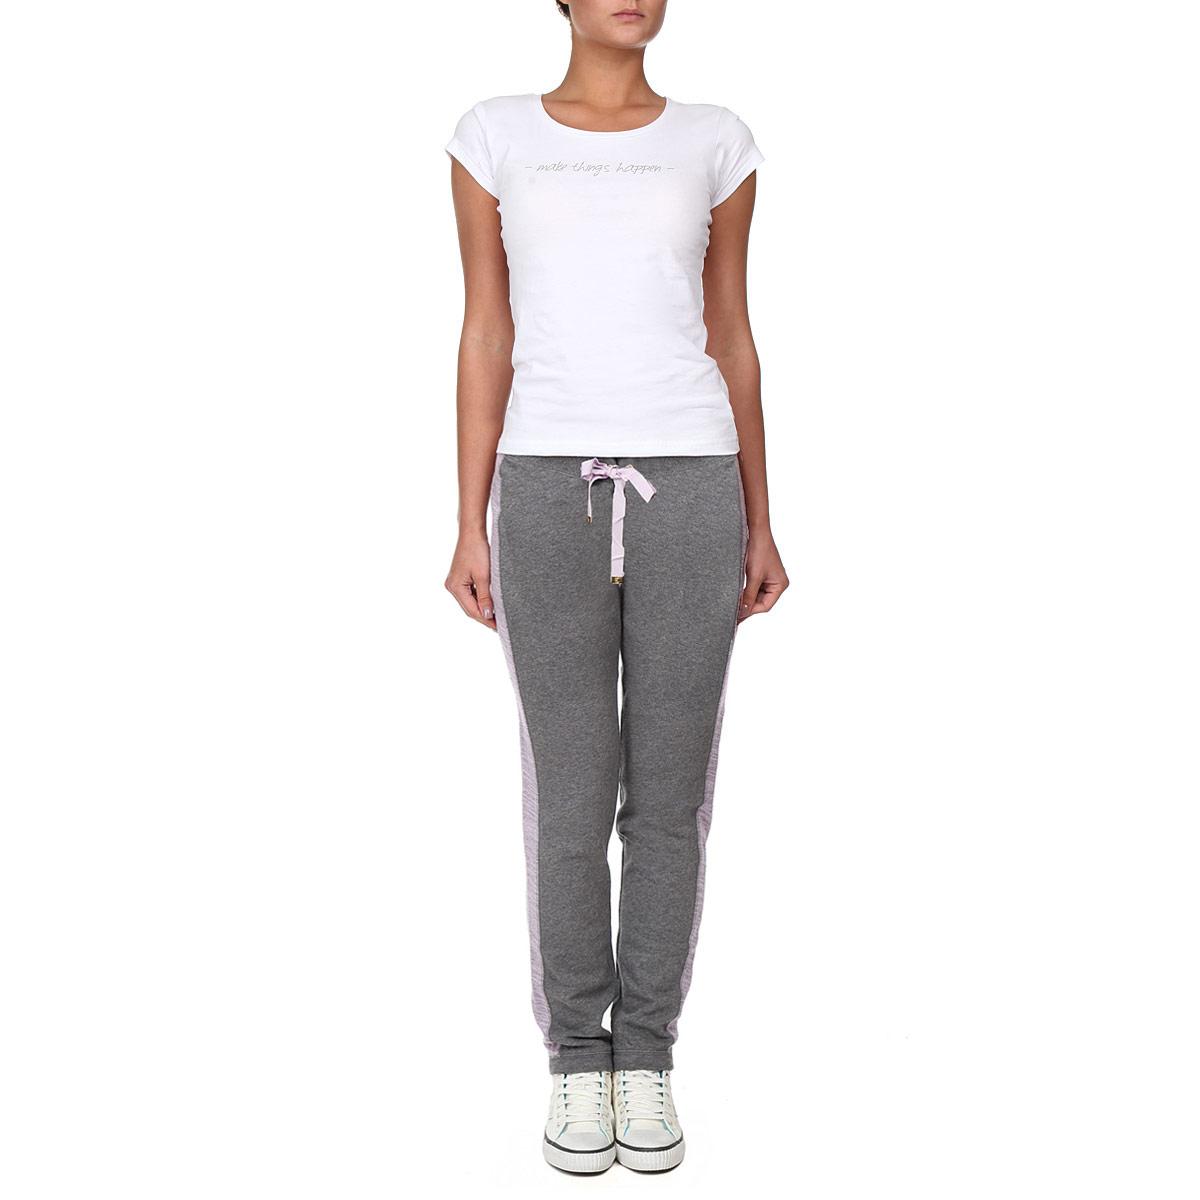 Брюки спортивные женские. WFKB34540/020WFKB34540/020Симпатичные женские брюки Juicy, изготовленные из высококачественного материала, прекрасно подойдут как для прогулок, так и для занятий спортом. Модель зауженного к низу кроя с широкой резинкой на поясе, на талии дополнены кулиской. Снизу брючины имеют не большие трикотажные вставки. Модель по бокам оформлена вставками контрастного цвета, а также аппликацией в виде логотипа бренда. В таких брюках вы будете чувствовать себя комфортно в течение всего дня.